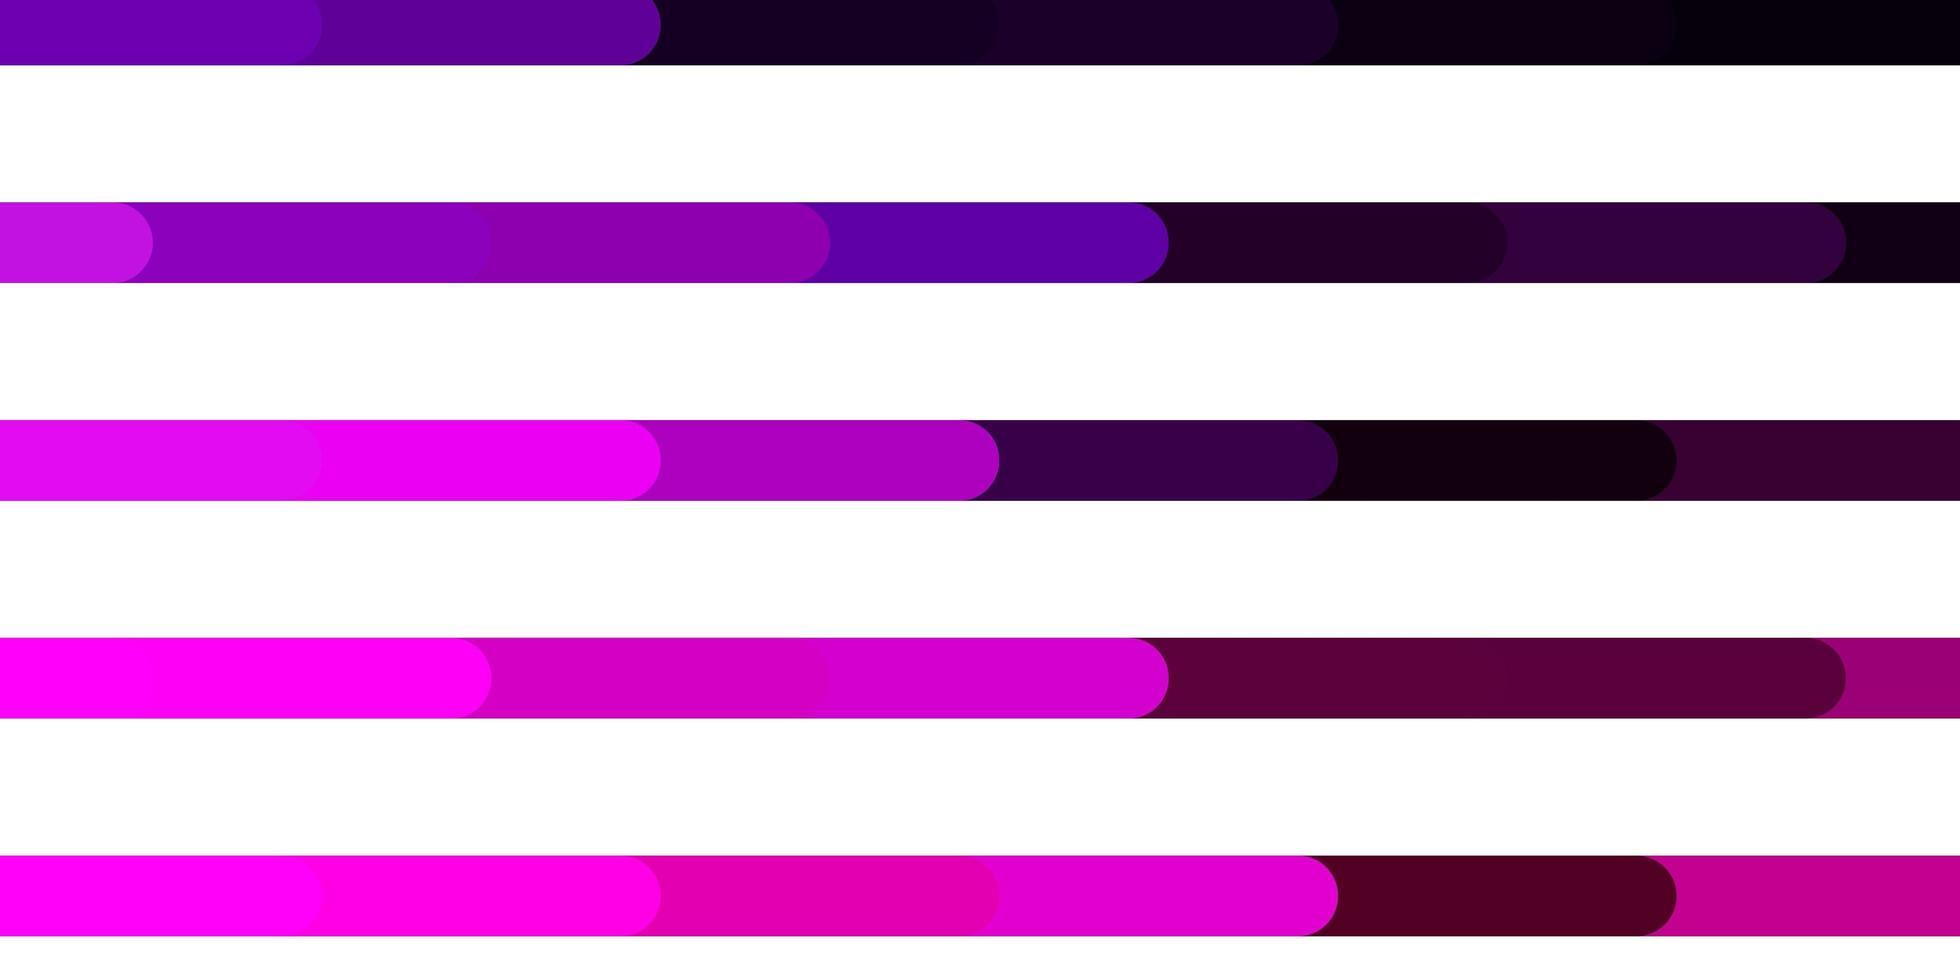 donkerpaars, roze vectortextuur met lijnen. vector